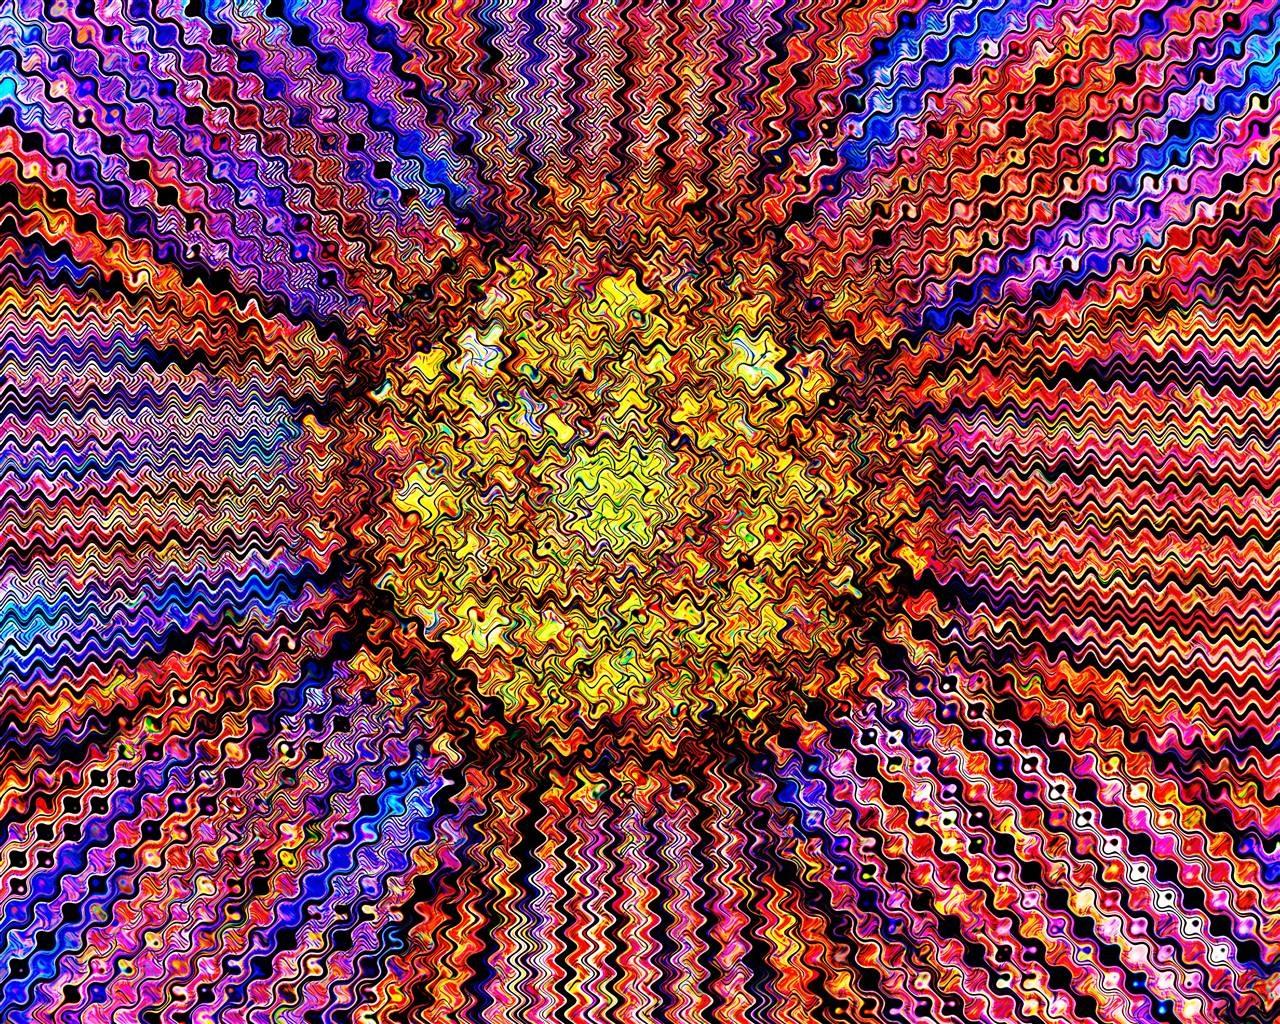 Howard Harris, Ceiling Wave image